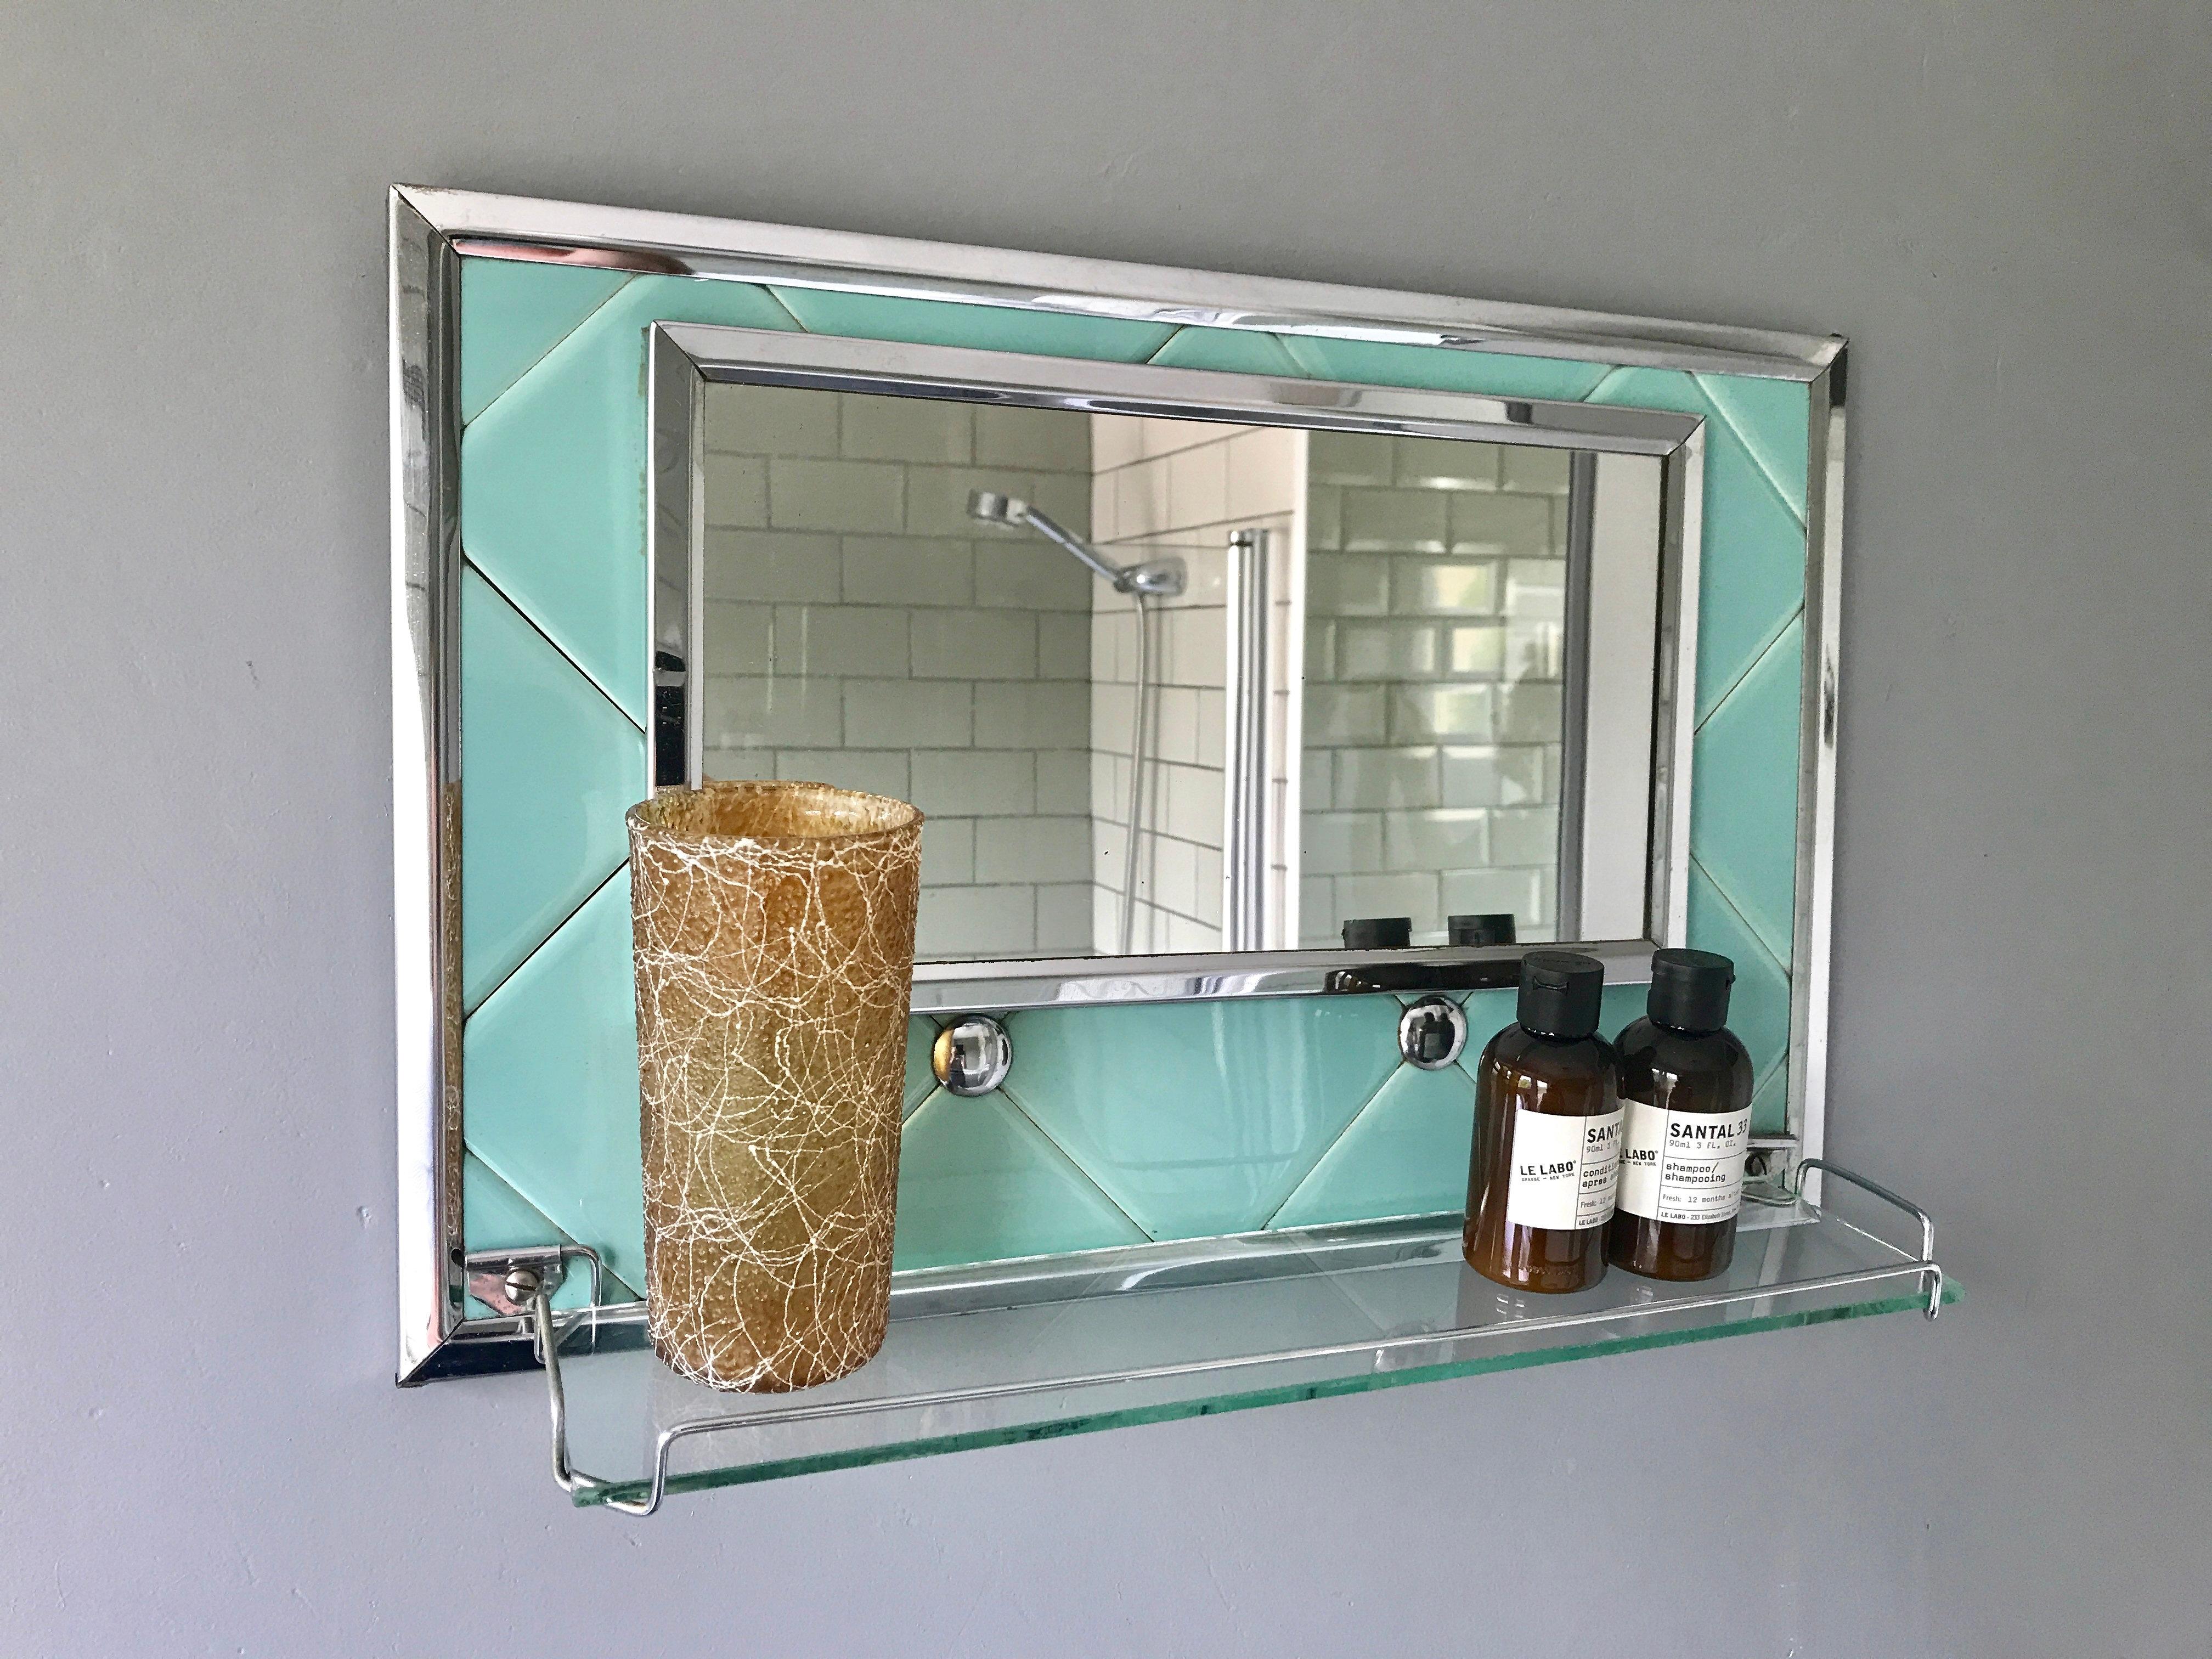 Vintage Retro Bathroom Mirror With Shelf 344